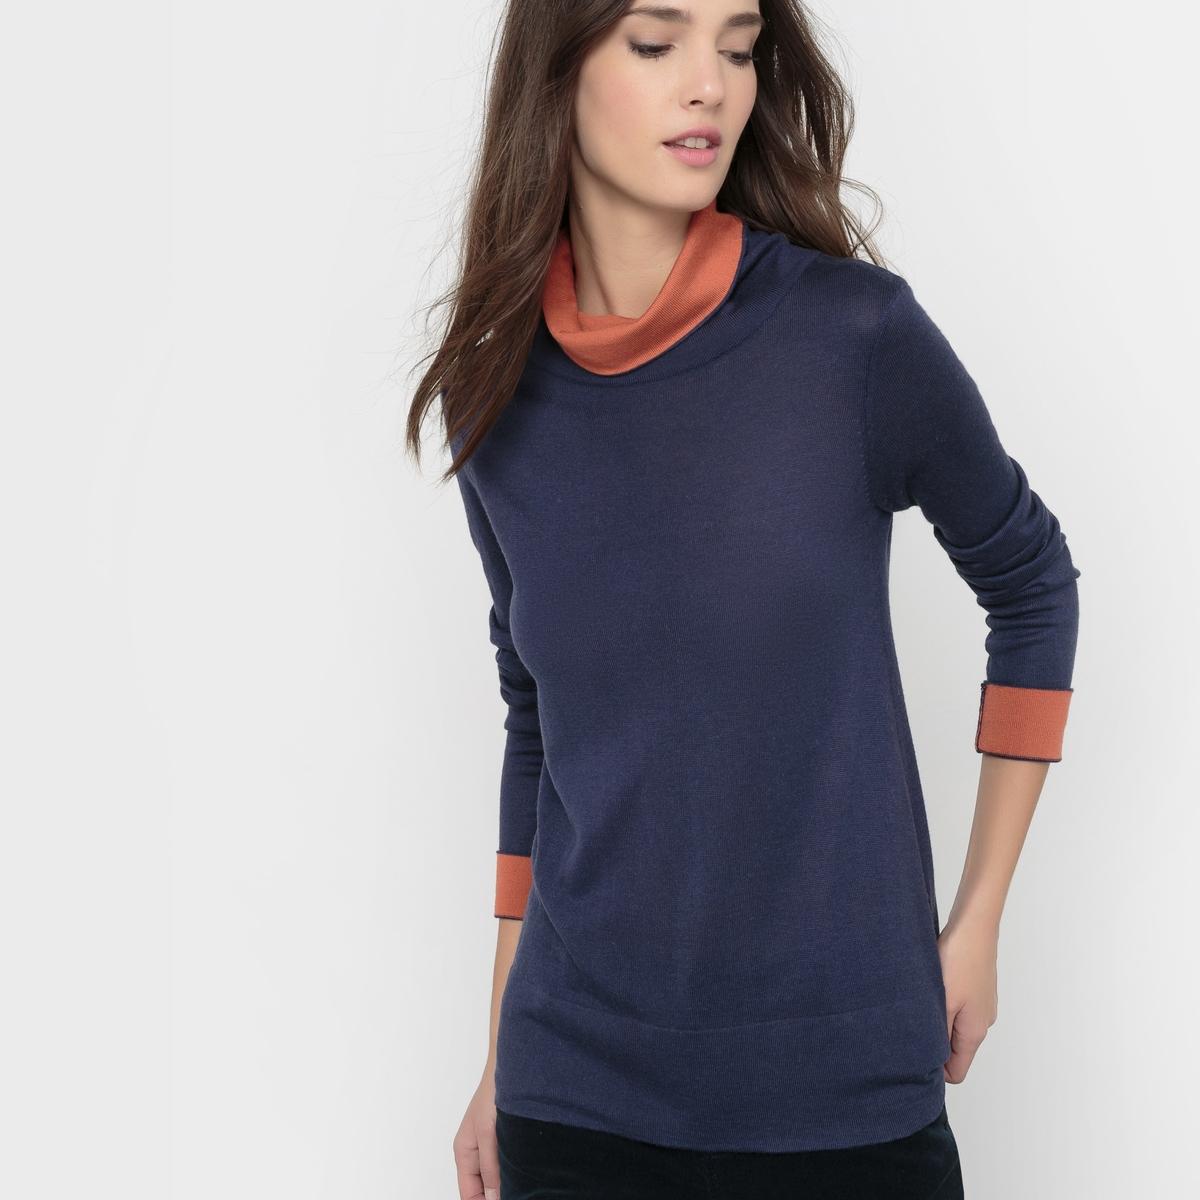 Пуловер двухцветный, воротник-хомут, шерсть в составеПуловер из тонкого трикотажа. Свободный покрой. Воротник-хомут, внутренняя часть контрастного цвета. Длинные рукава, отвороты контрастного цвета. Состав и описание :Марка : R Essentiel. Материал : 50% вискозы, 40% акрила, 10% шерсти мериноса.Длина : 62 см100% применяемой шерсти мериноса получено без процедуры мьюлесинга, что гарантирует благополучие животных.Уход :Стирка при 30°C, вывернув наизнанкуСтирать с вещами схожих цветов Гладить при низкой температуре с изнаночной стороныБарабанная сушка запрещенаСухая (химическая) чистка разрешена..<br><br>Цвет: красный темный,красный,серый меланж,синий морской,черный<br>Размер: 34/36 (FR) - 40/42 (RUS).38/40 (FR) - 44/46 (RUS).42/44 (FR) - 48/50 (RUS)